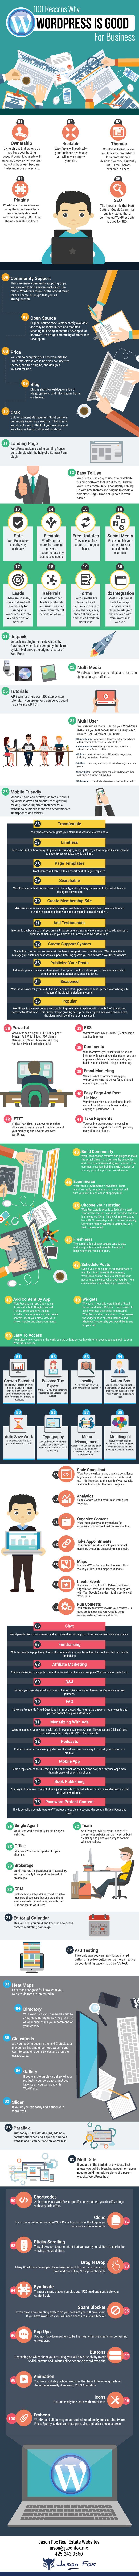 Las 100 ventajas de WordPress para tu empresa, negocio o proyecto. Mega post con detalles e infografía para descubrir los beneficios de WordPress.